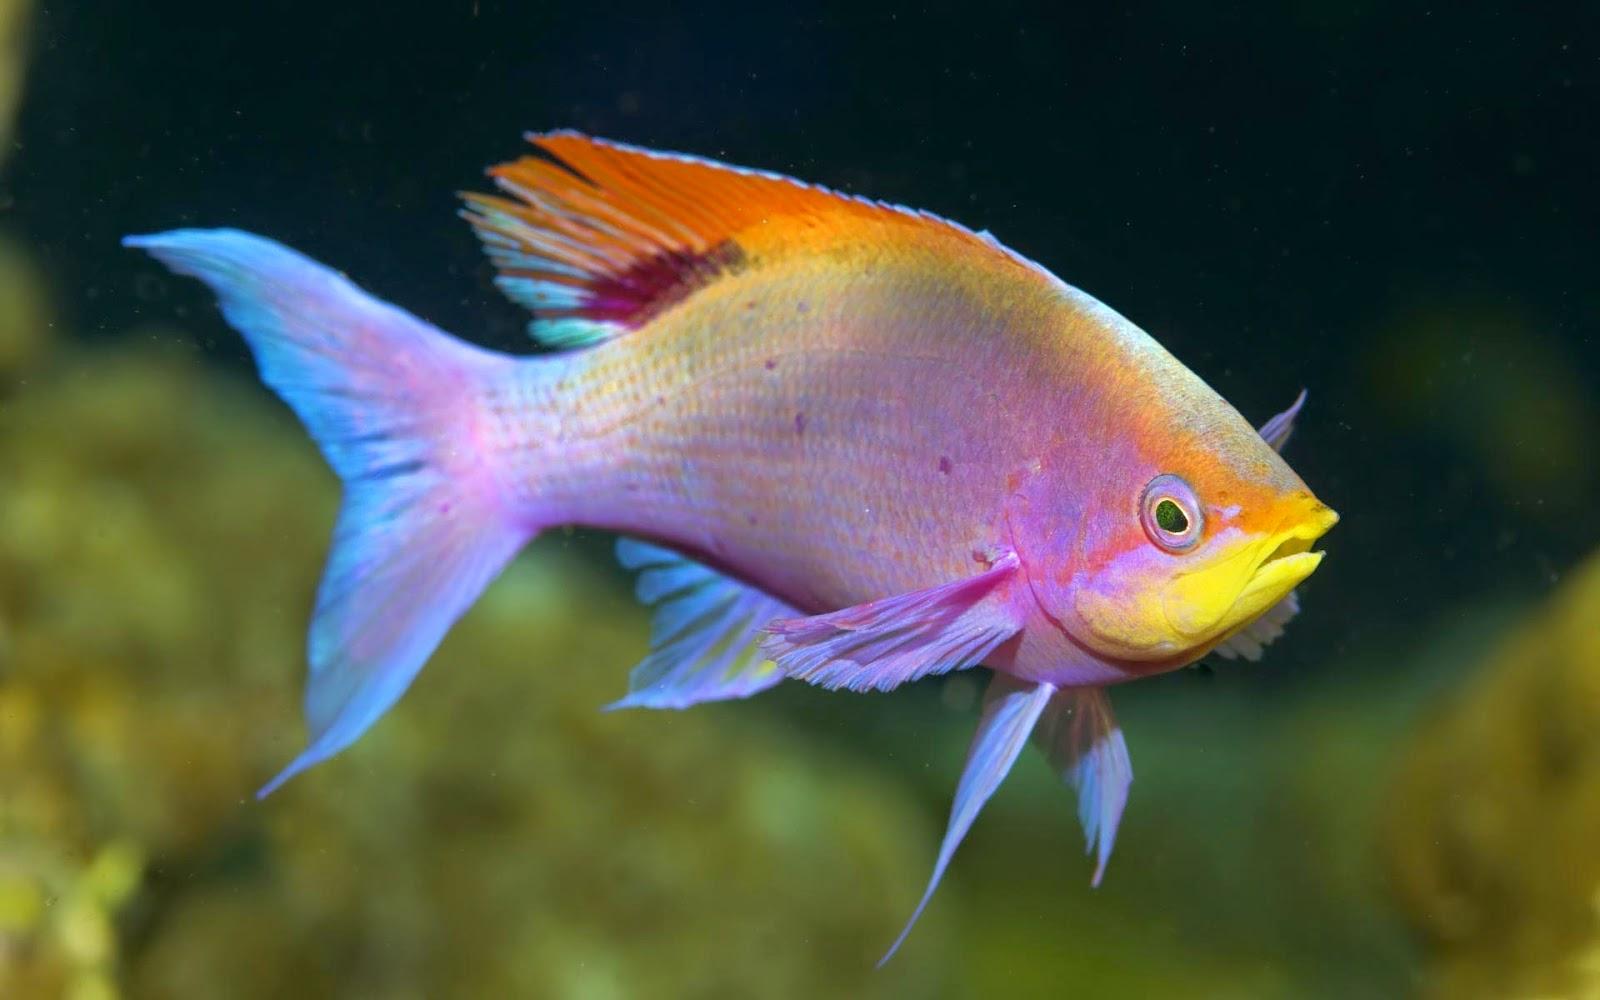 Caracteristicas de los peces de agua dulce peces wikipedia for Especies de peces